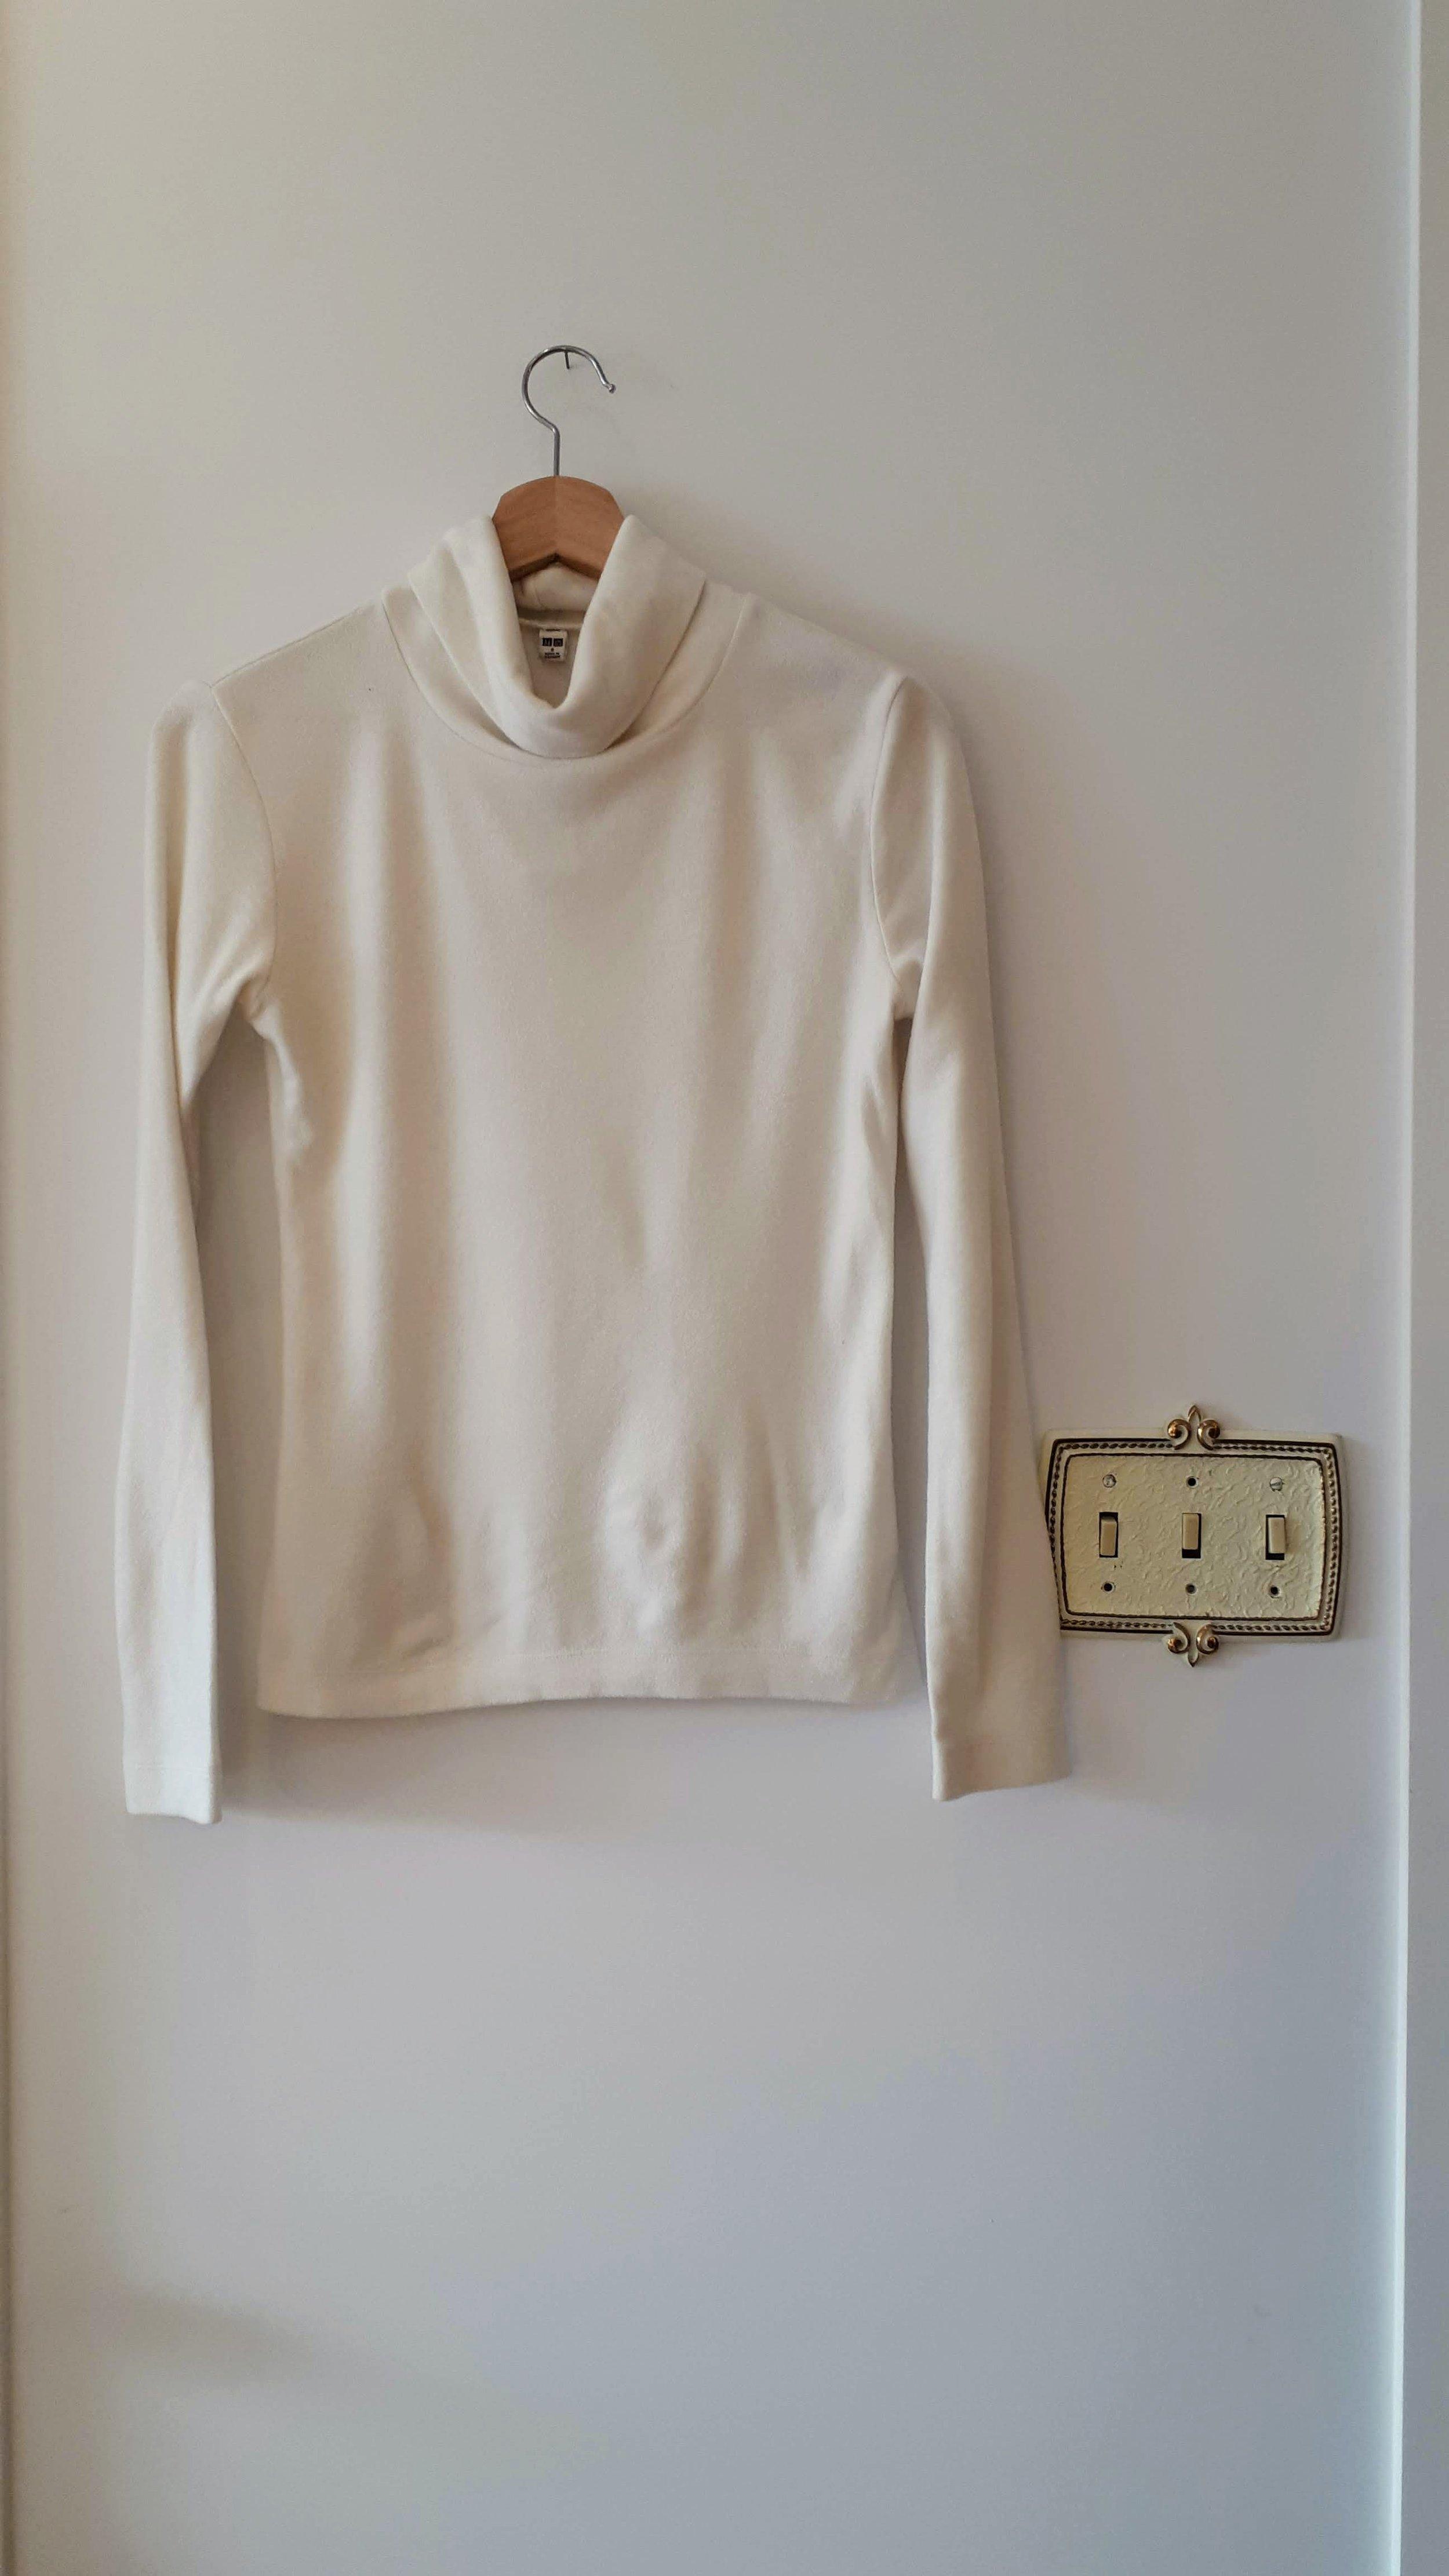 Uniqlo top; Size M, $20